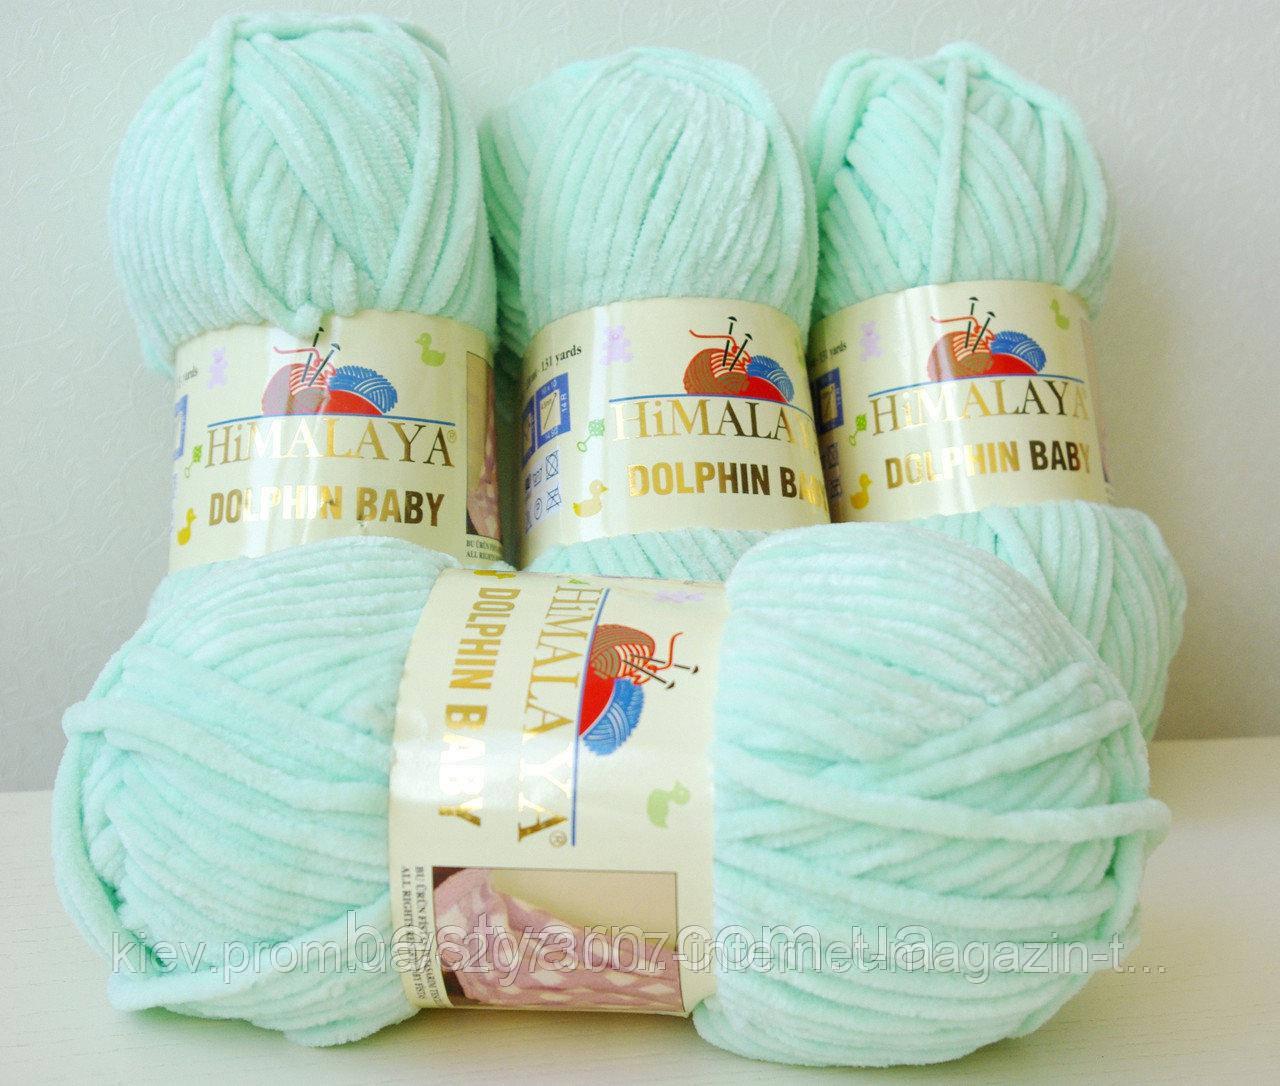 нитки для вязания Dolphin Baby Himalaya 80307 мятный цена 65 грн